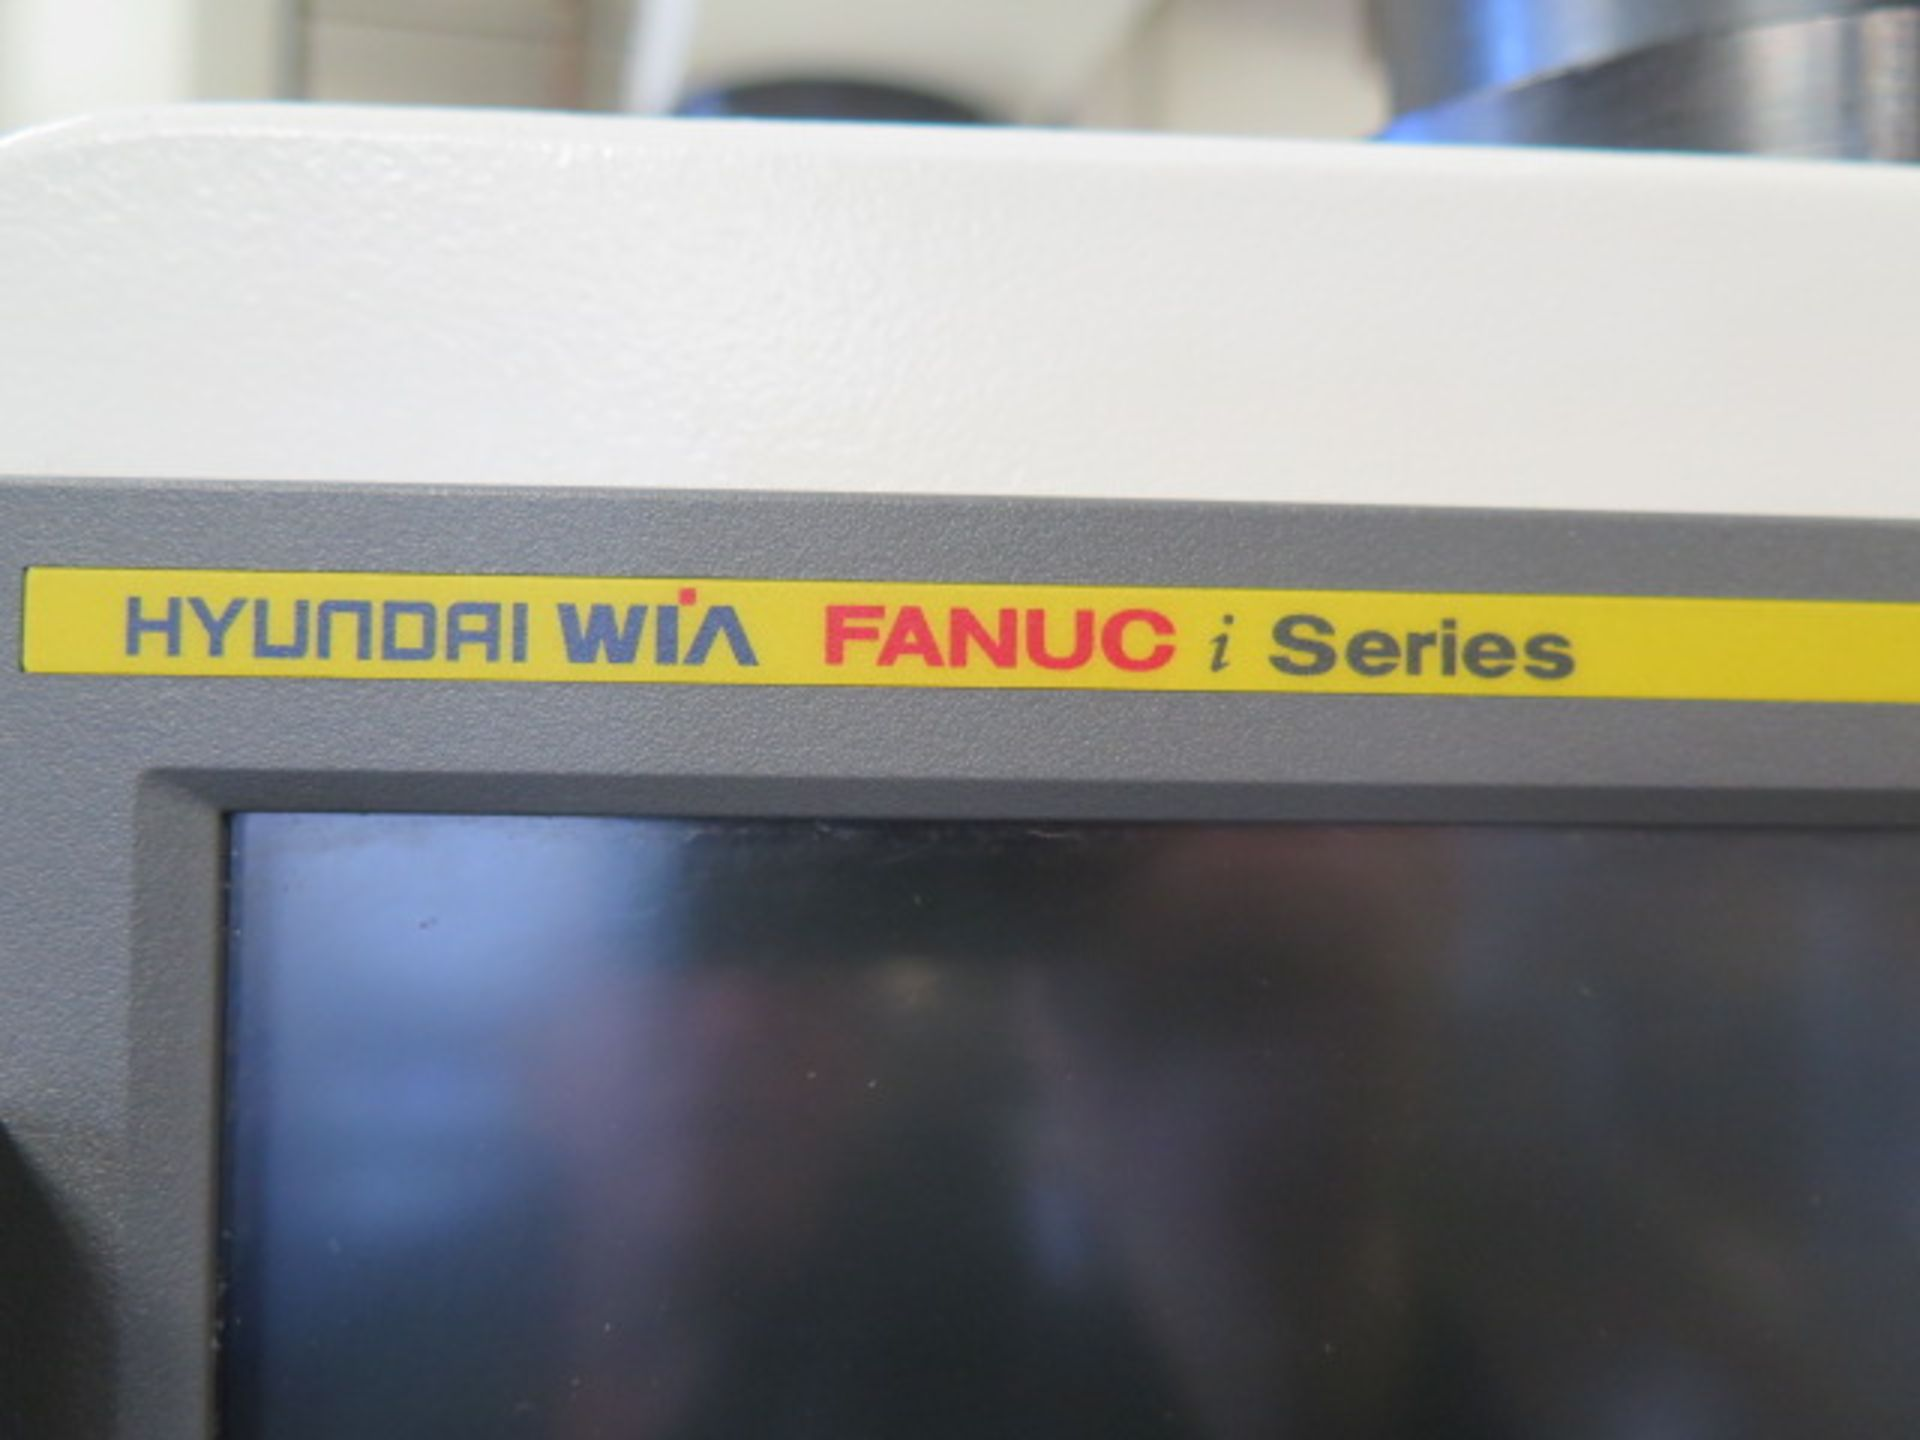 2016 Hyundai WIA F500 CNC VMC s/n G3684-3507 w/ Hyundai WIA Fanuc i-Series, SOLD AS IS NO WARRANTY - Image 7 of 22